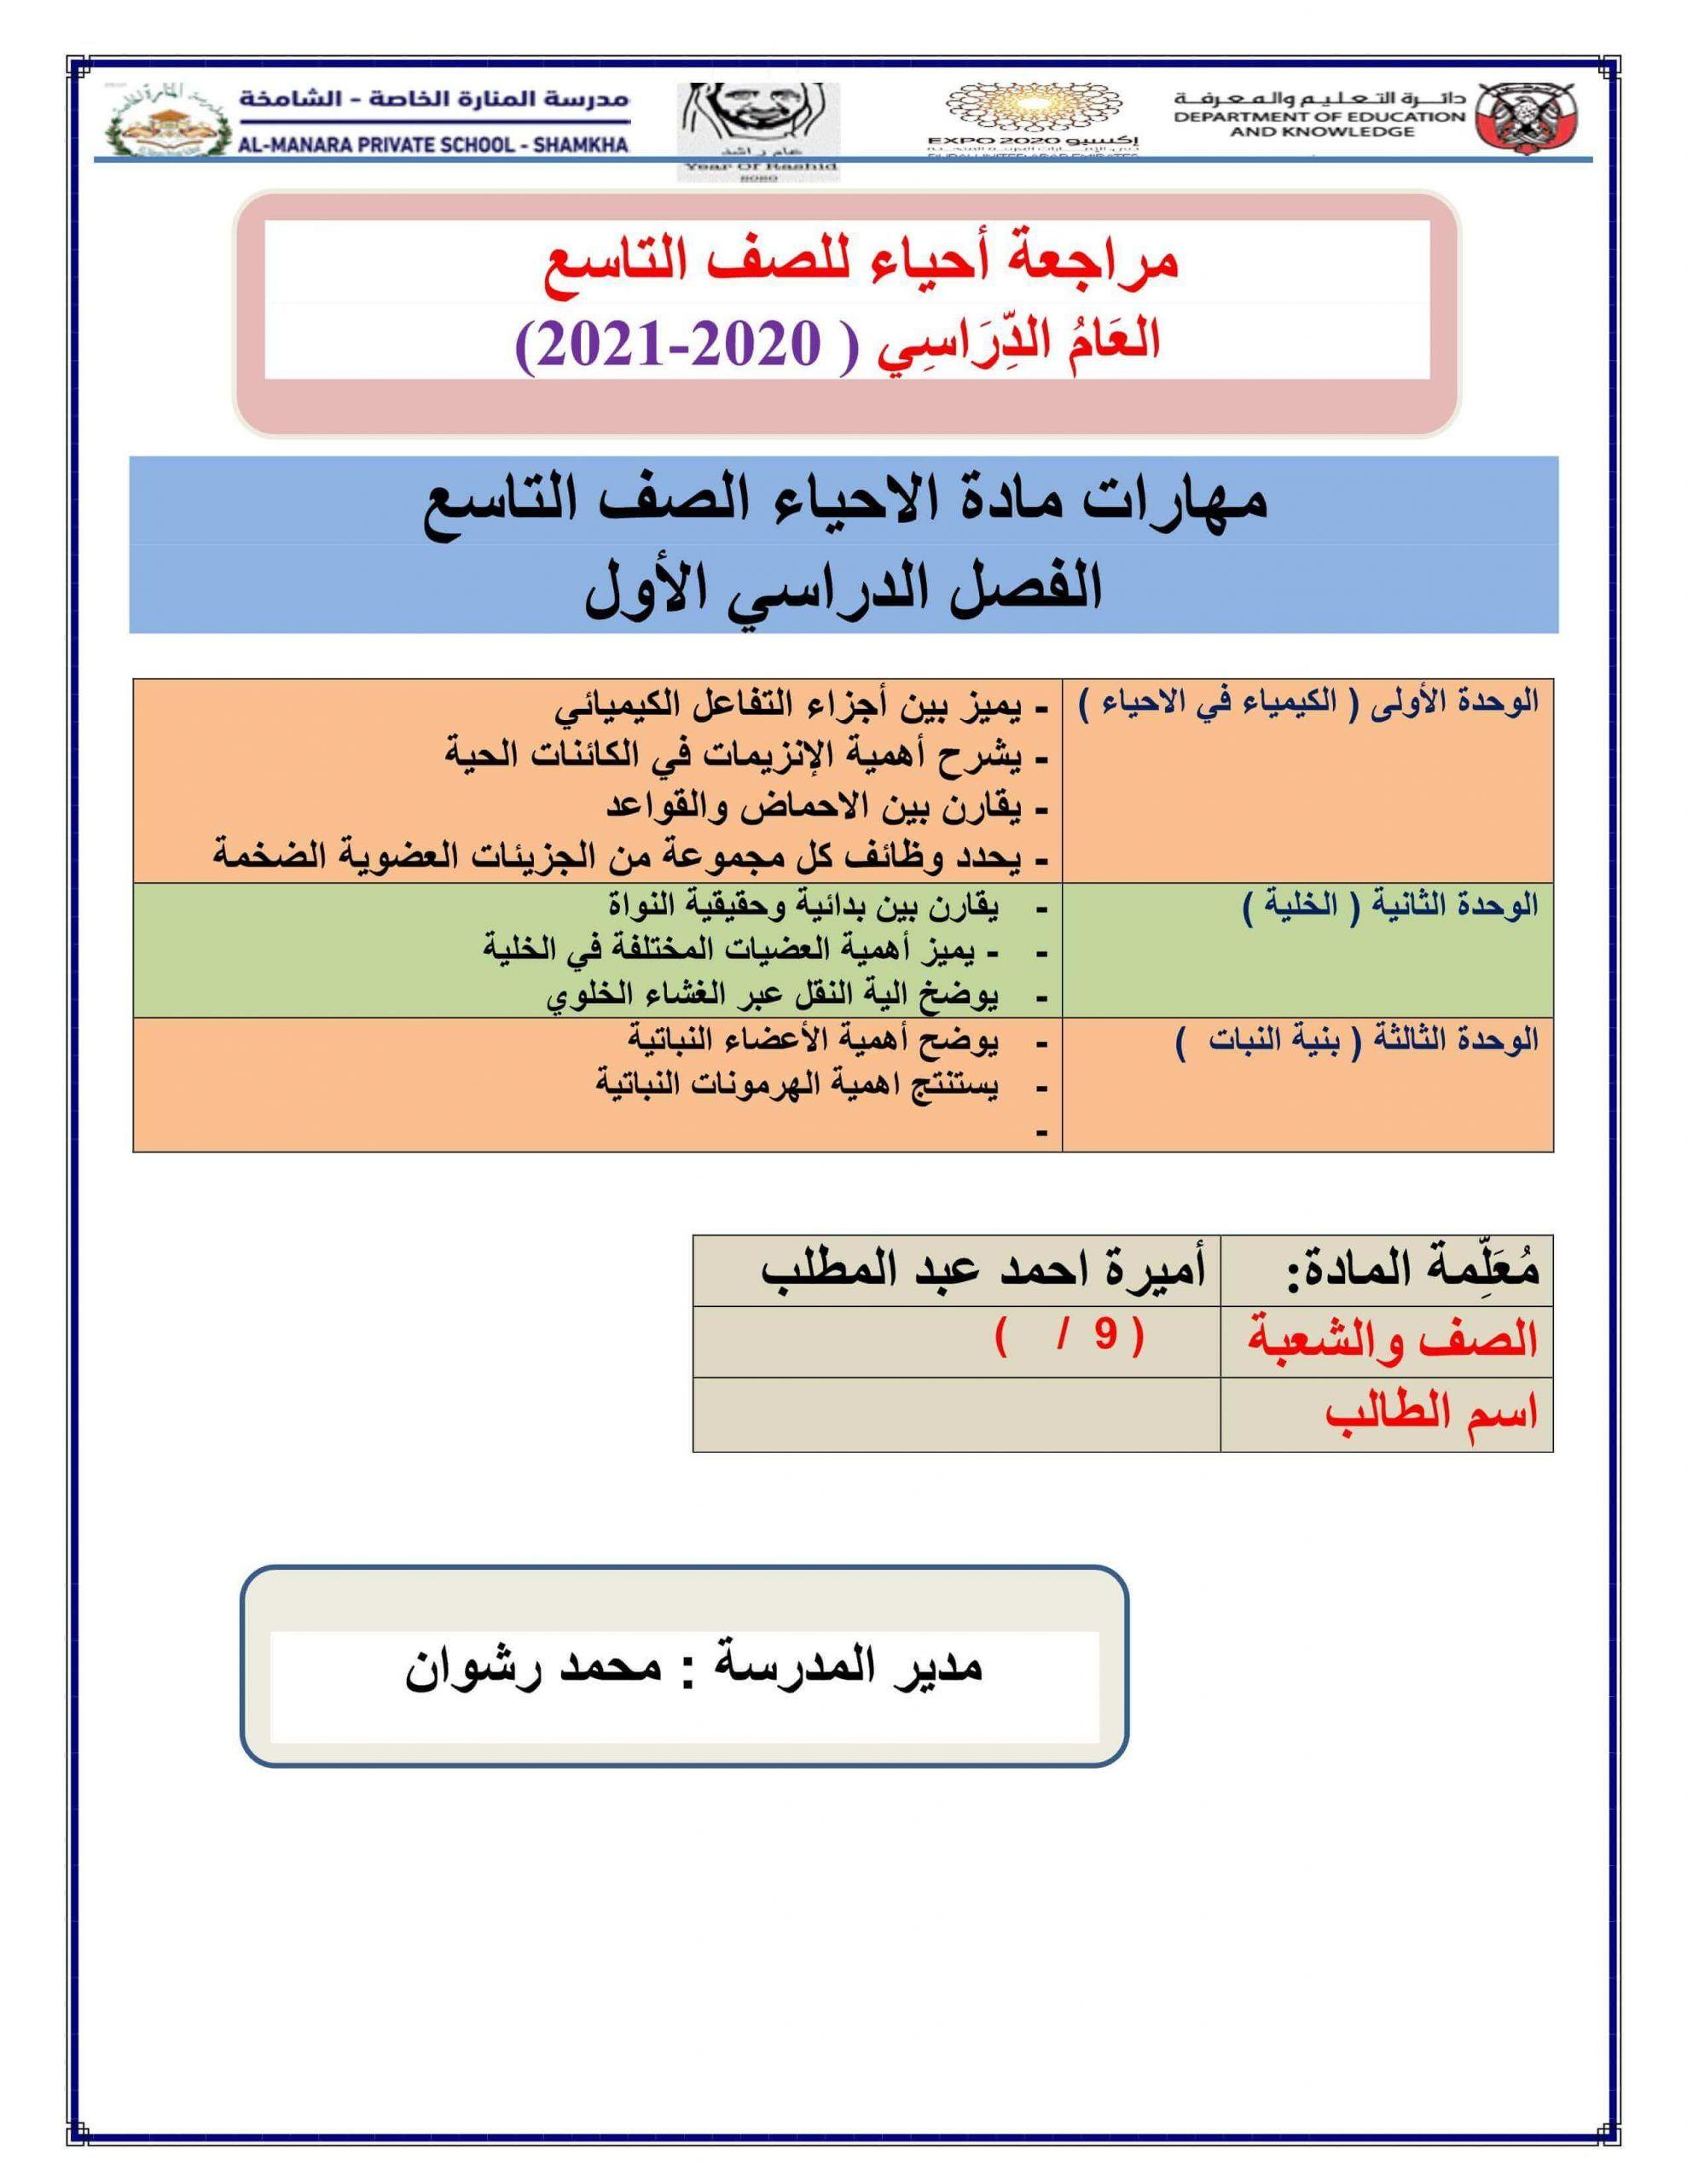 اوراق عمل تدريبات ومراجعة عامة الصف التاسع مادة الاحياء Private School School